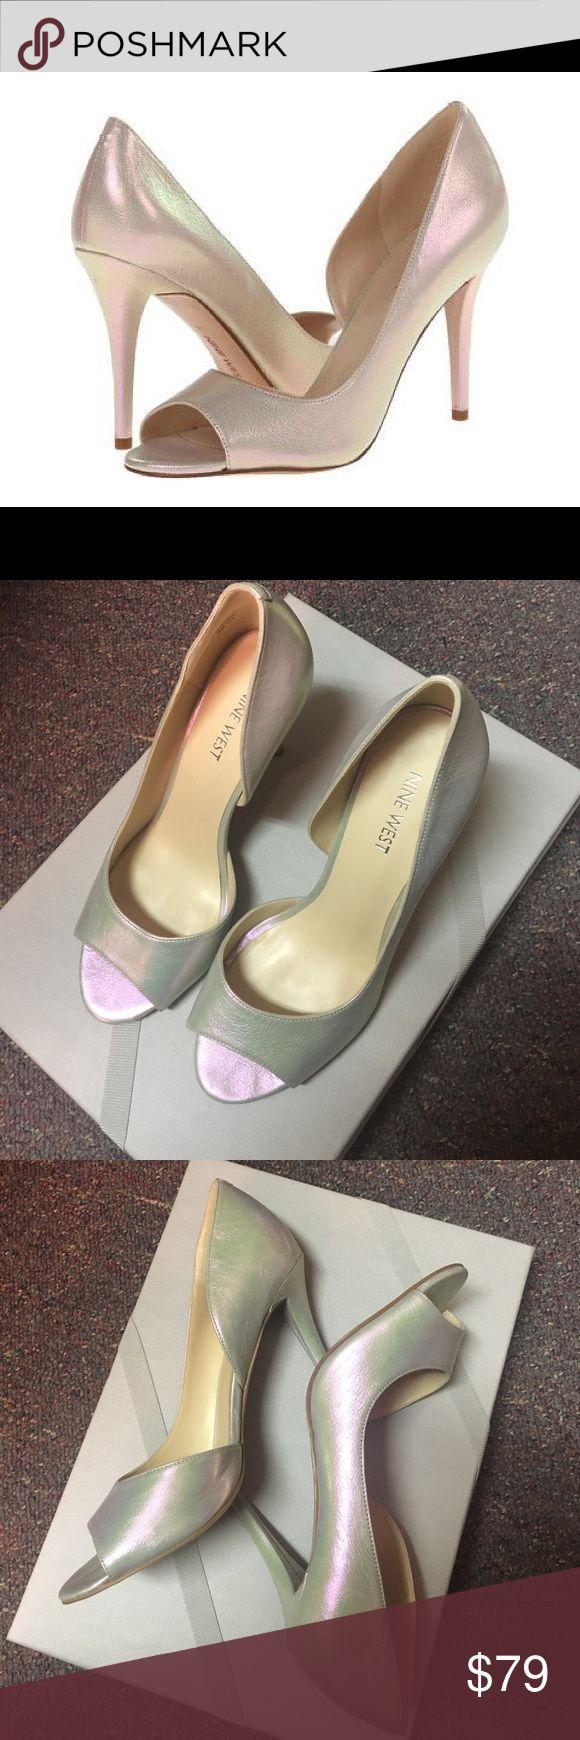 Nine West Dorsey hologram heels 6.5 Worn once. Silver hologram color. Open toe. Like new. Nine West Shoes Heels